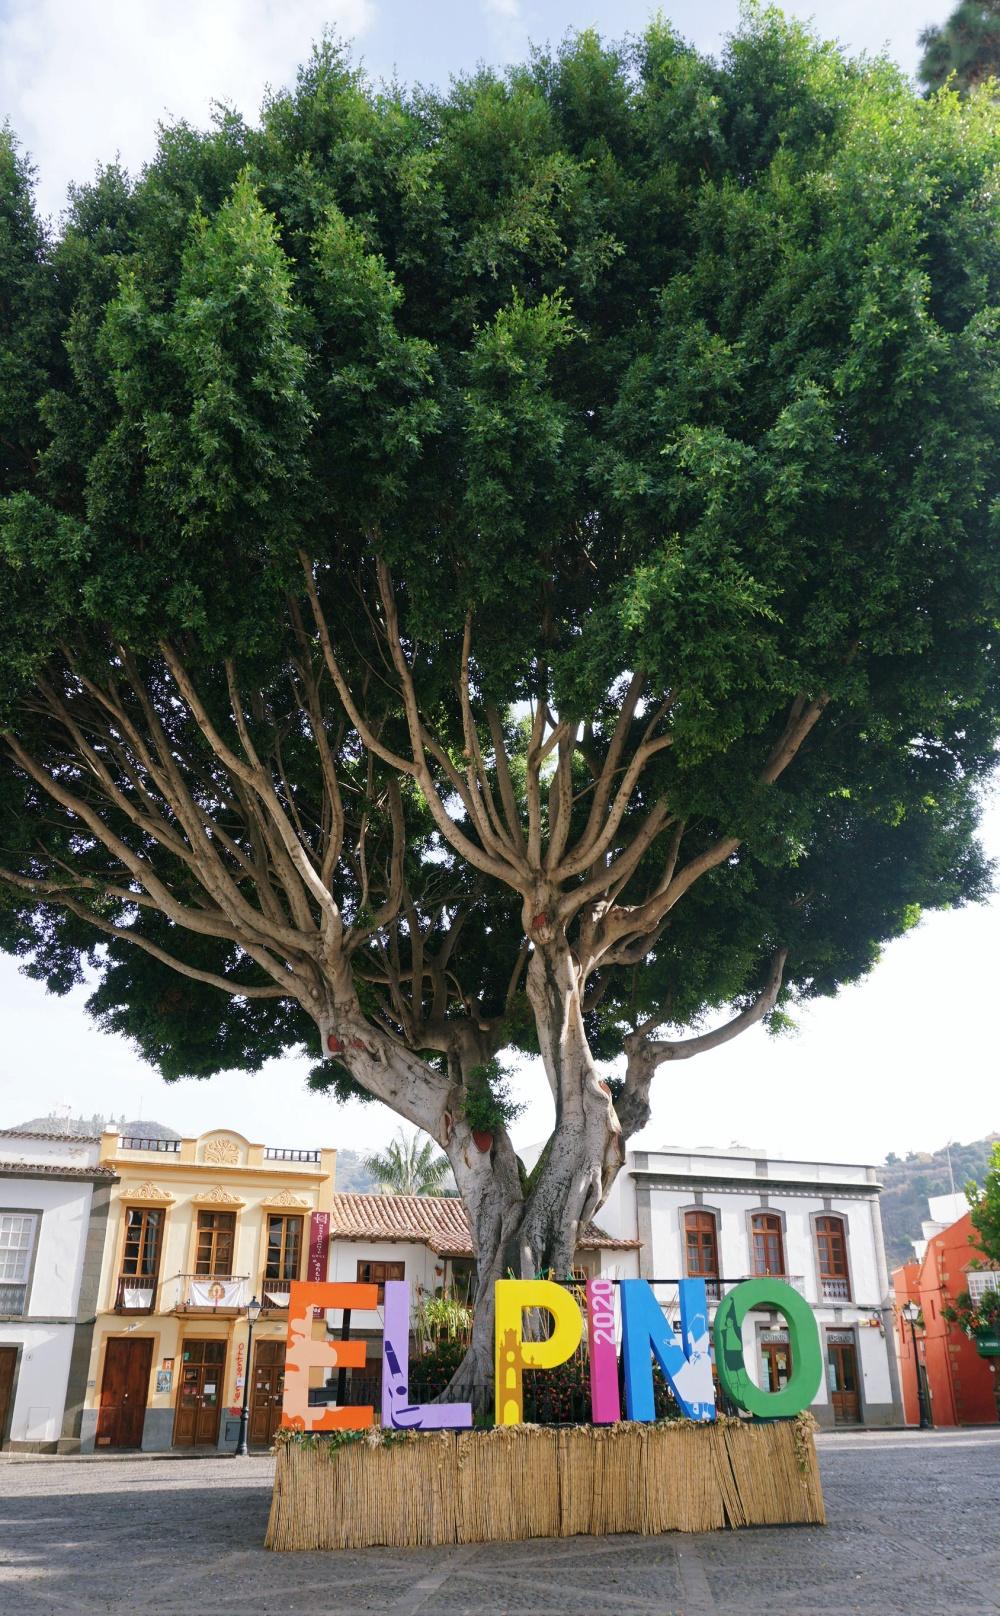 Teror Tree Gran Canaria